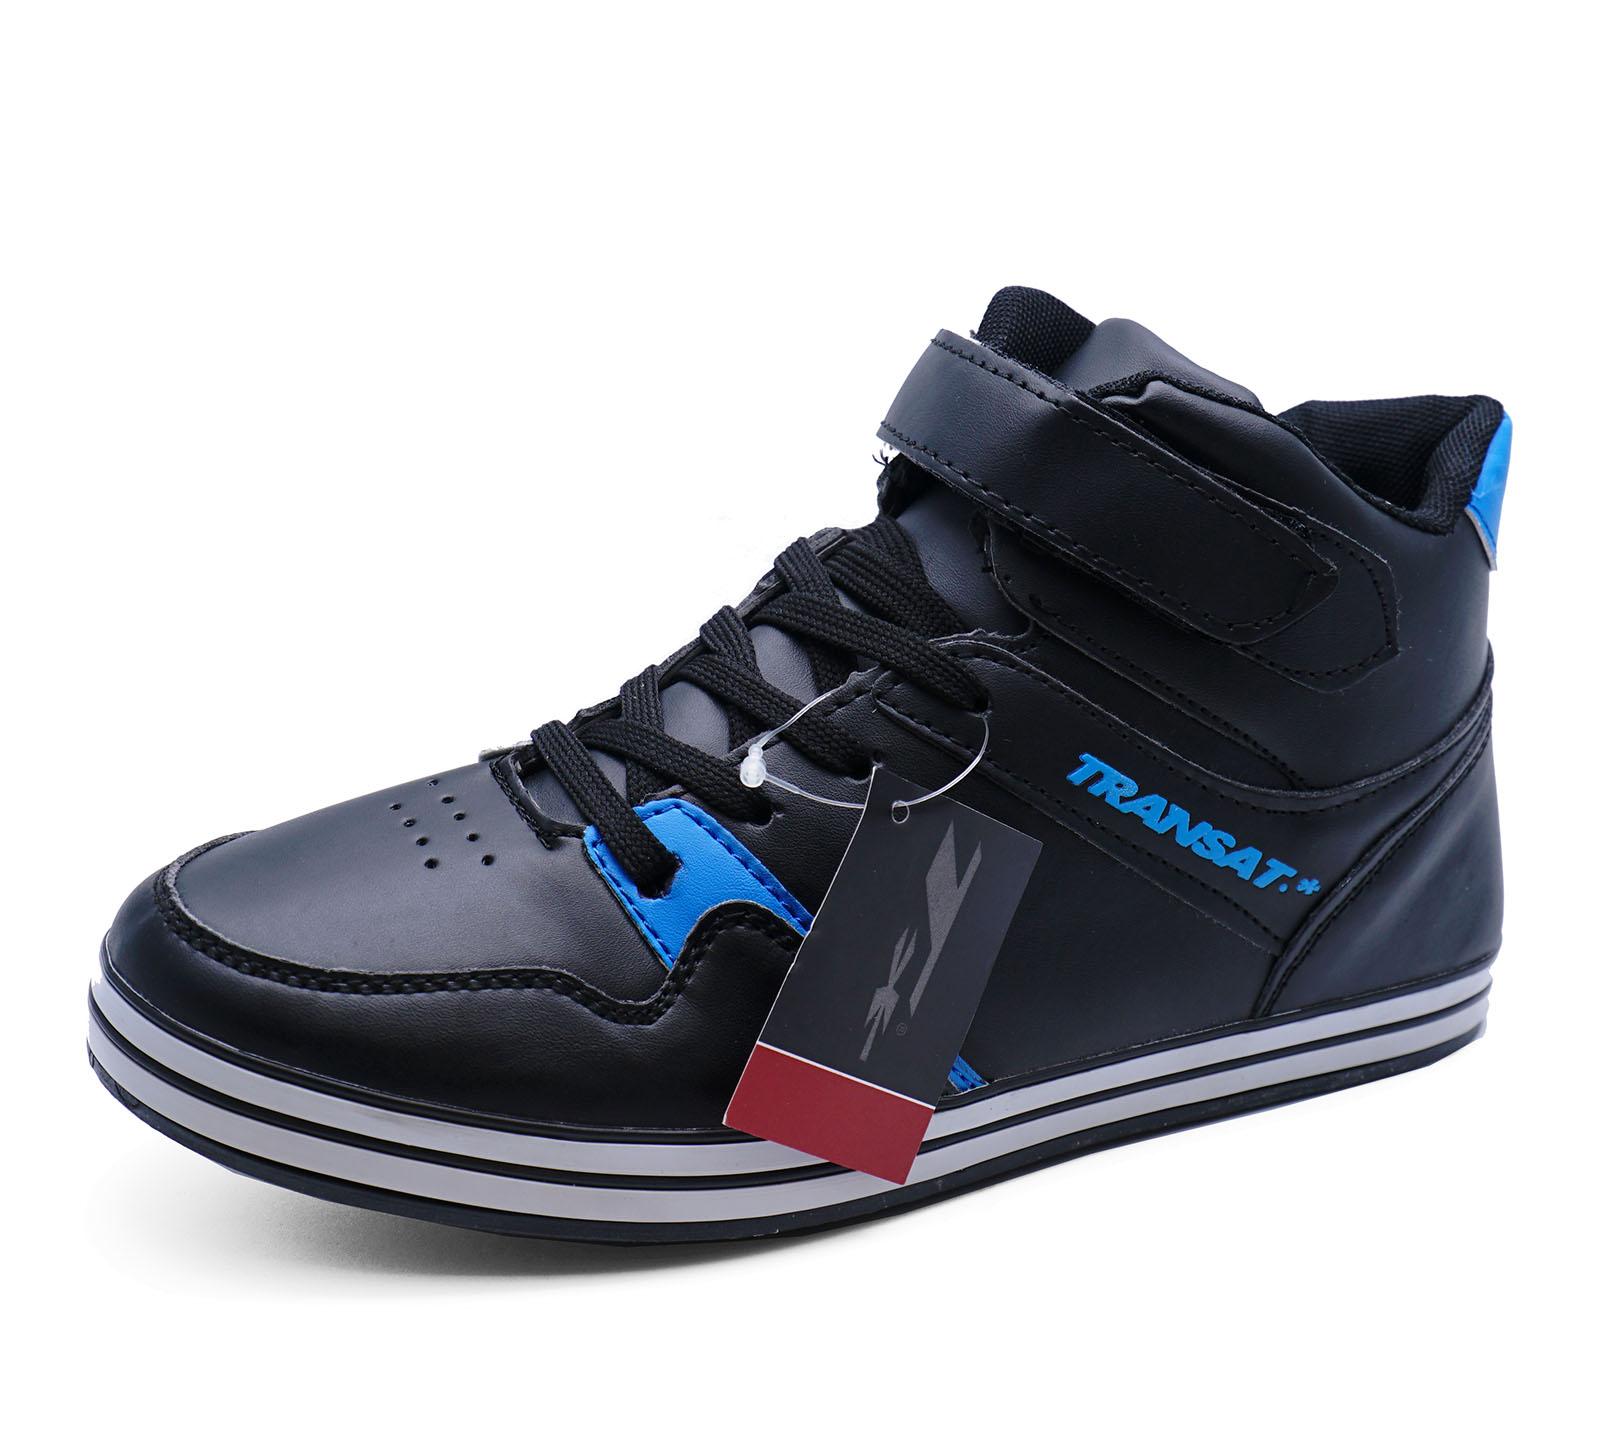 Herren schwarz zum Schnüren Turnschuhe Freizeit Pumps Stiefeletten Schuhe Größen